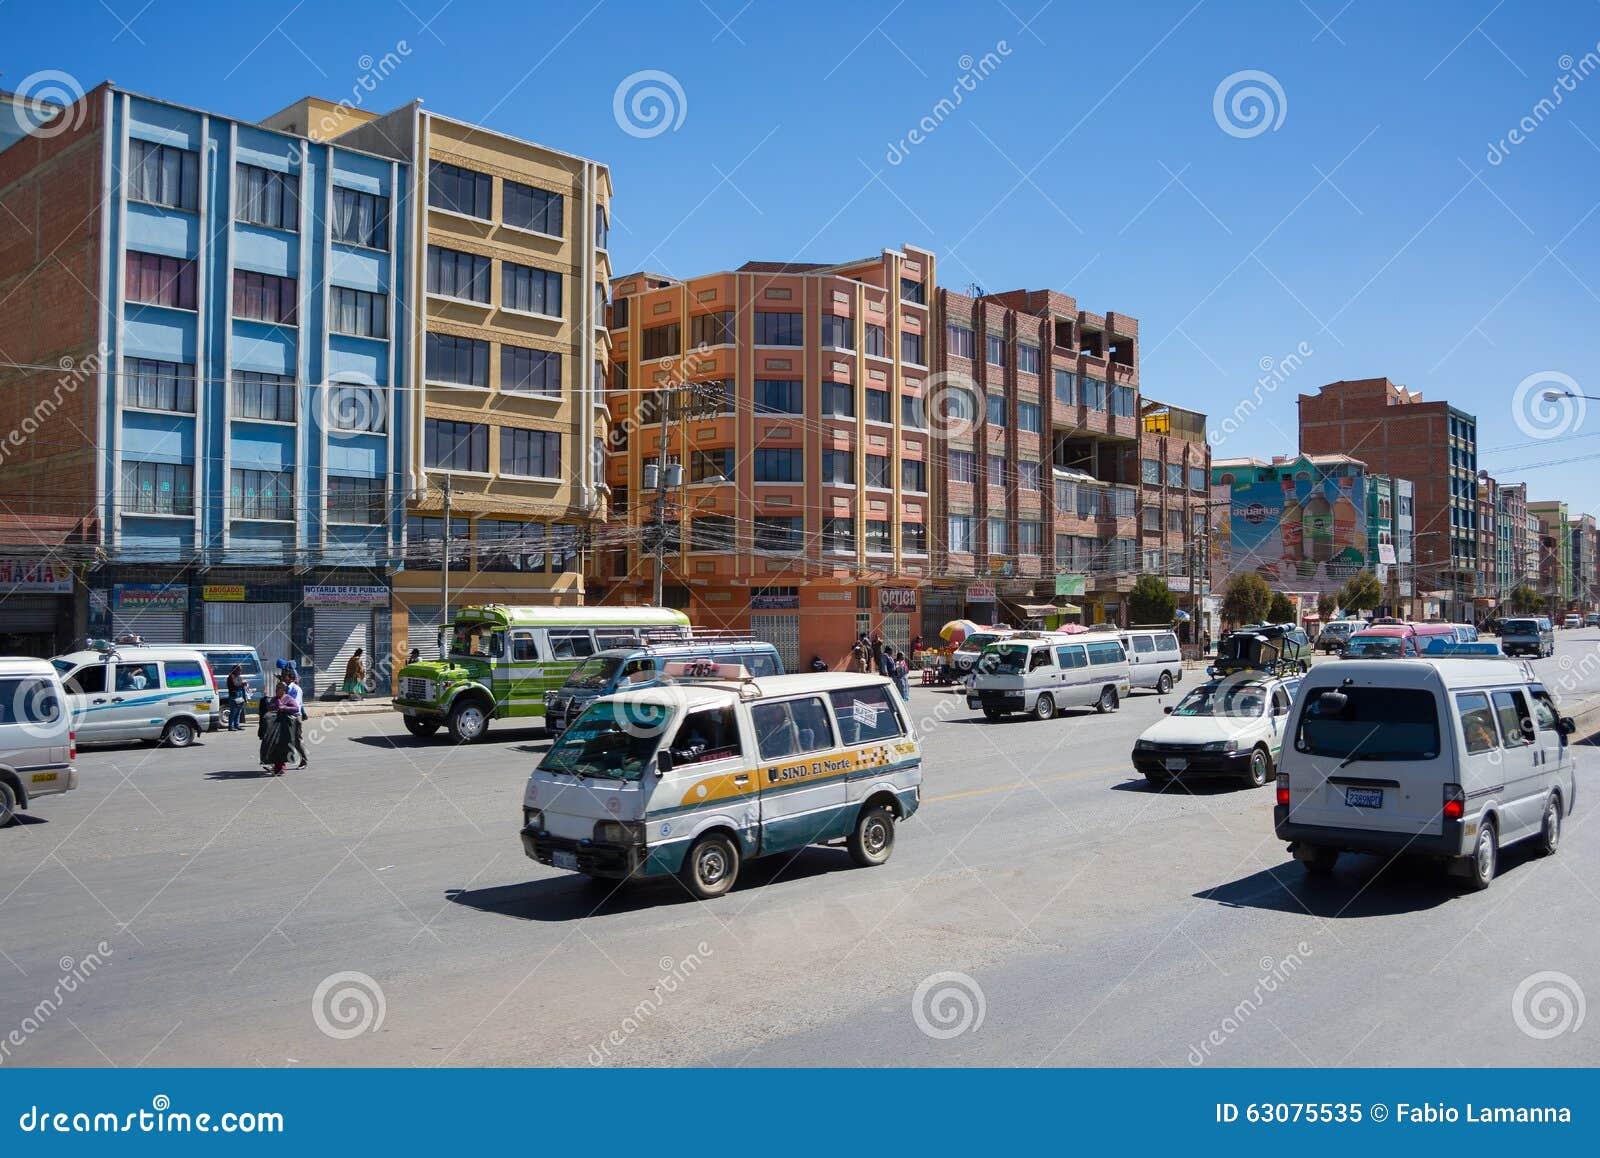 Download Le Trafic Ordinaire Dans Les Rues De La Paz, Bolivie Image éditorial - Image du avenue, jour: 63075535